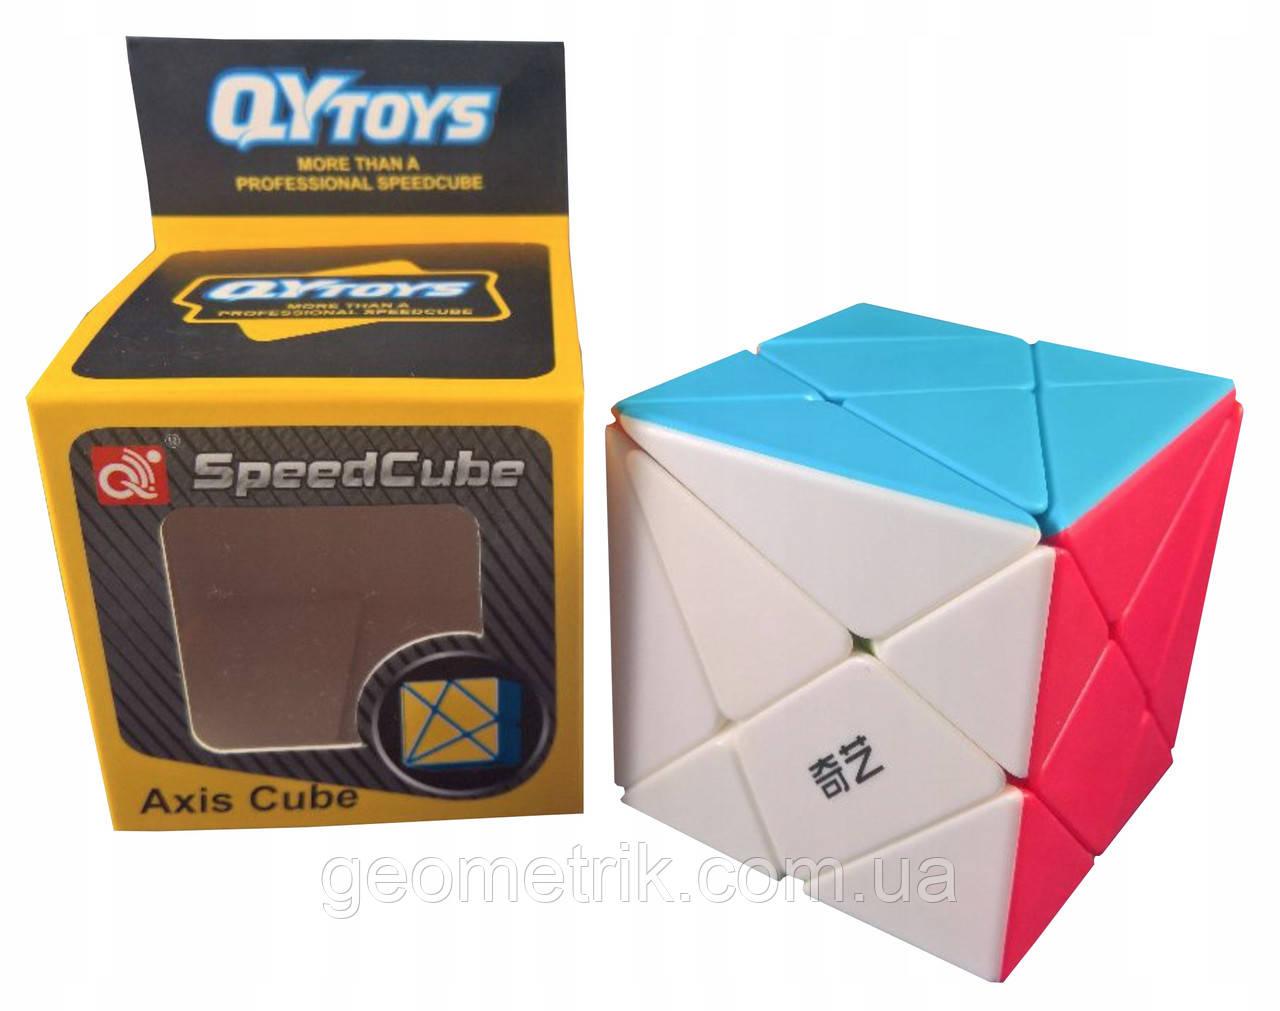 Кубик Рубика Axis cube без наклеек (QiYi)